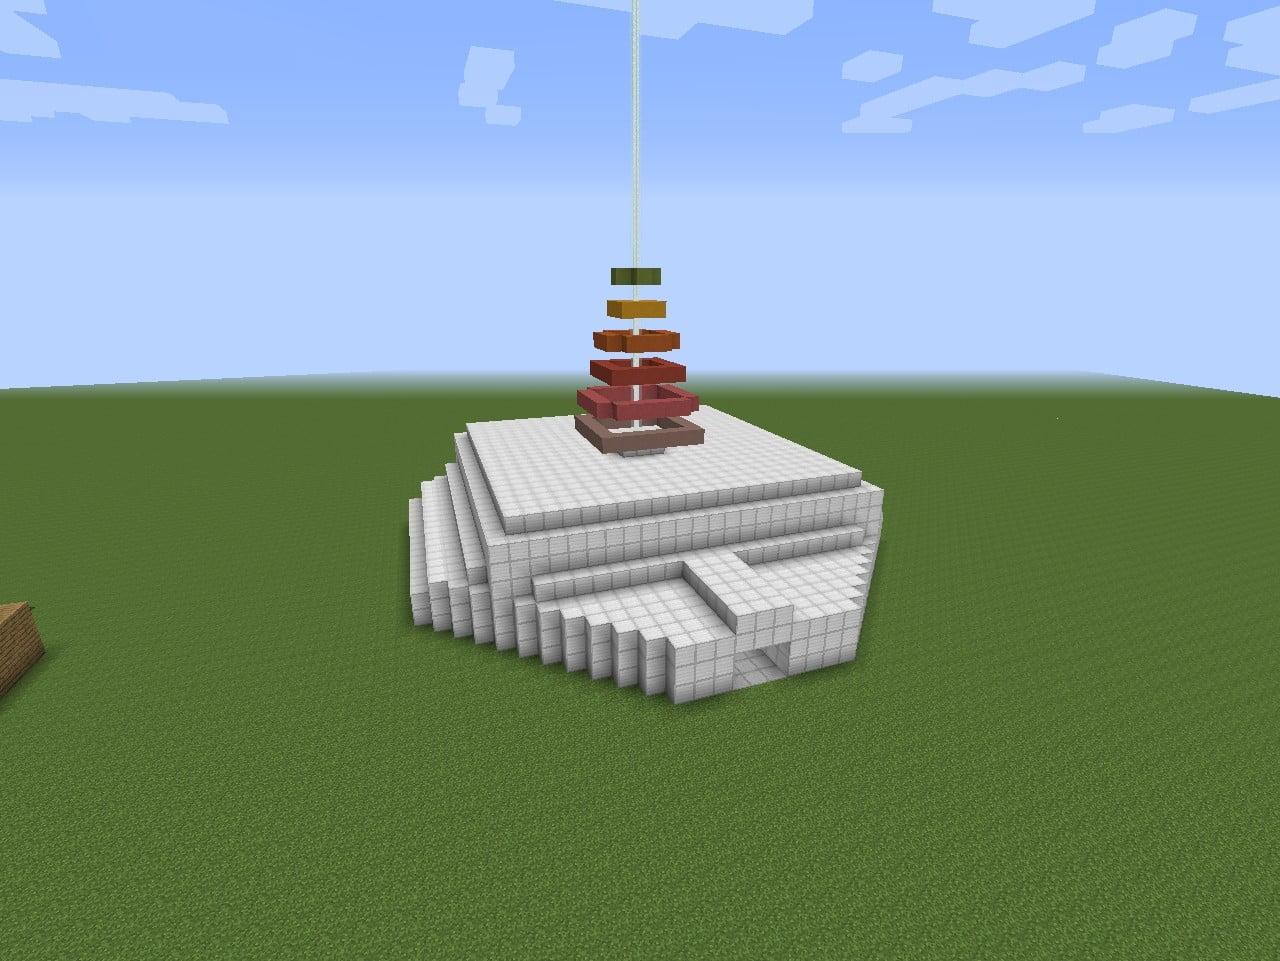 labor in minecraft bauen minecraft. Black Bedroom Furniture Sets. Home Design Ideas